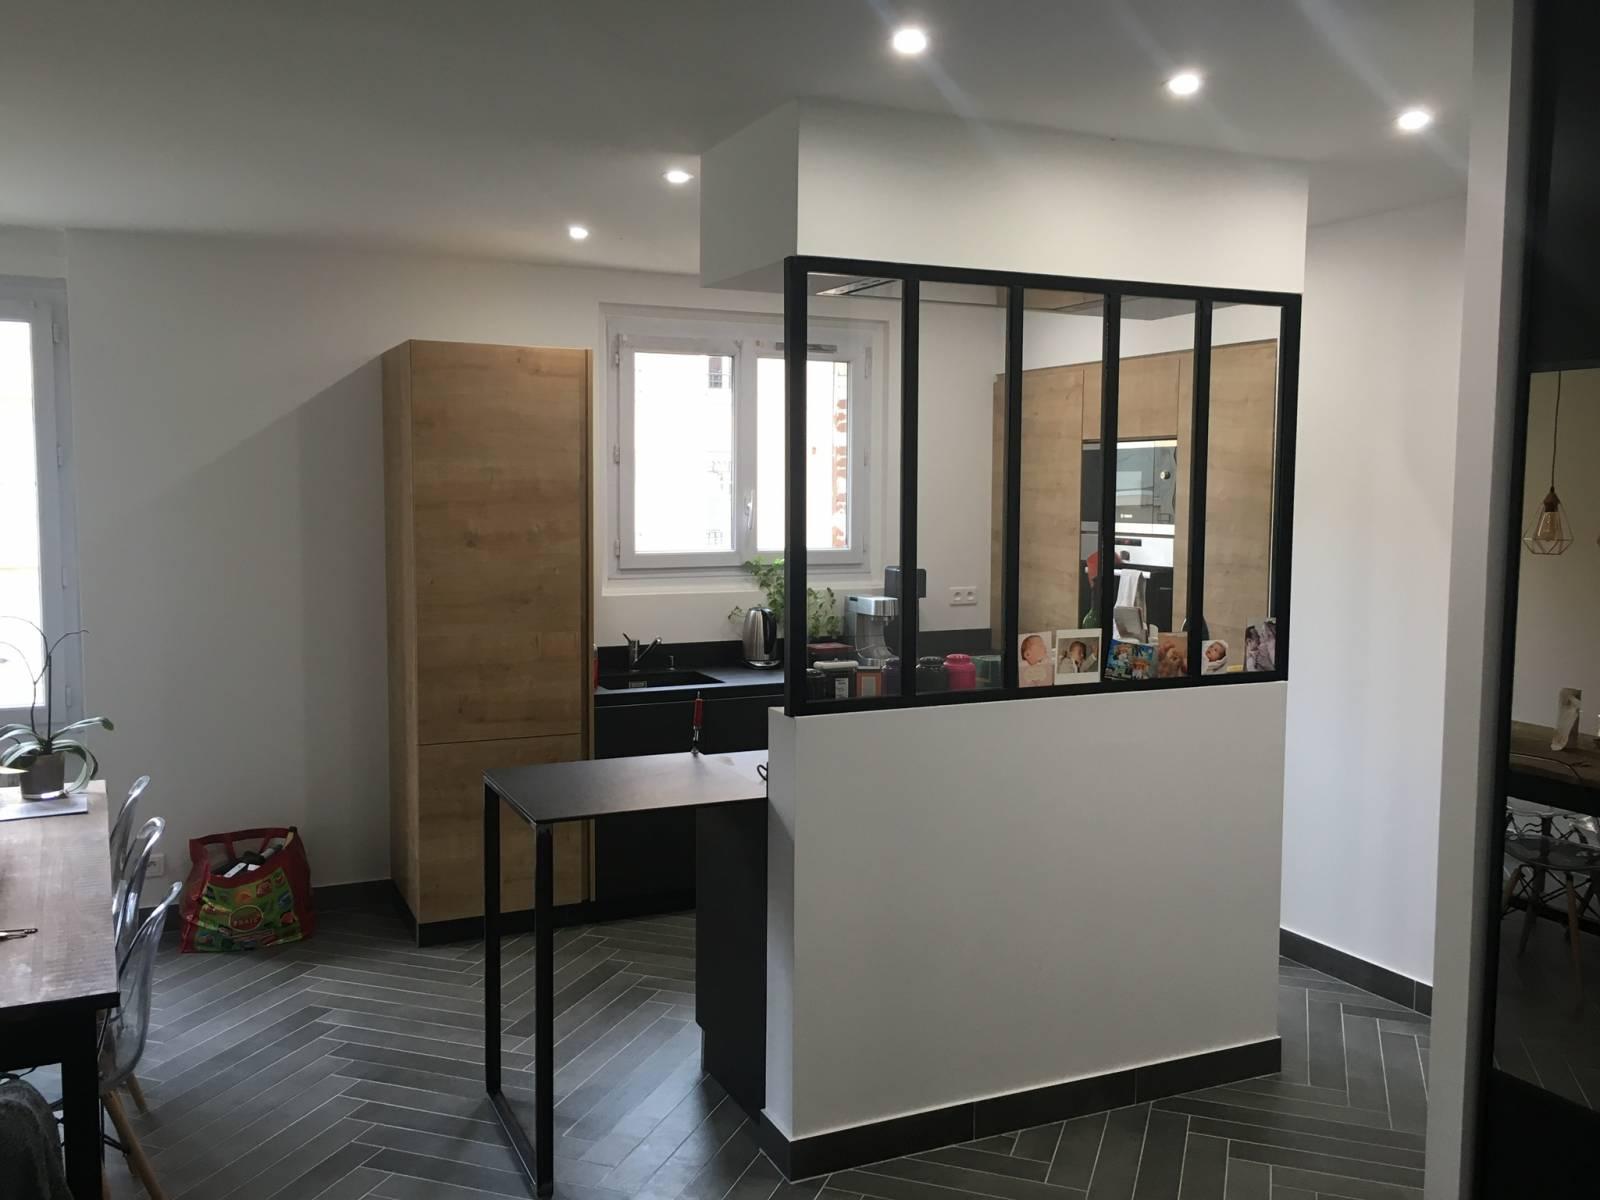 cuisine moderne bois et noire avec verriere sur mesure a lyon cuisiniste haut de gamme lyon. Black Bedroom Furniture Sets. Home Design Ideas